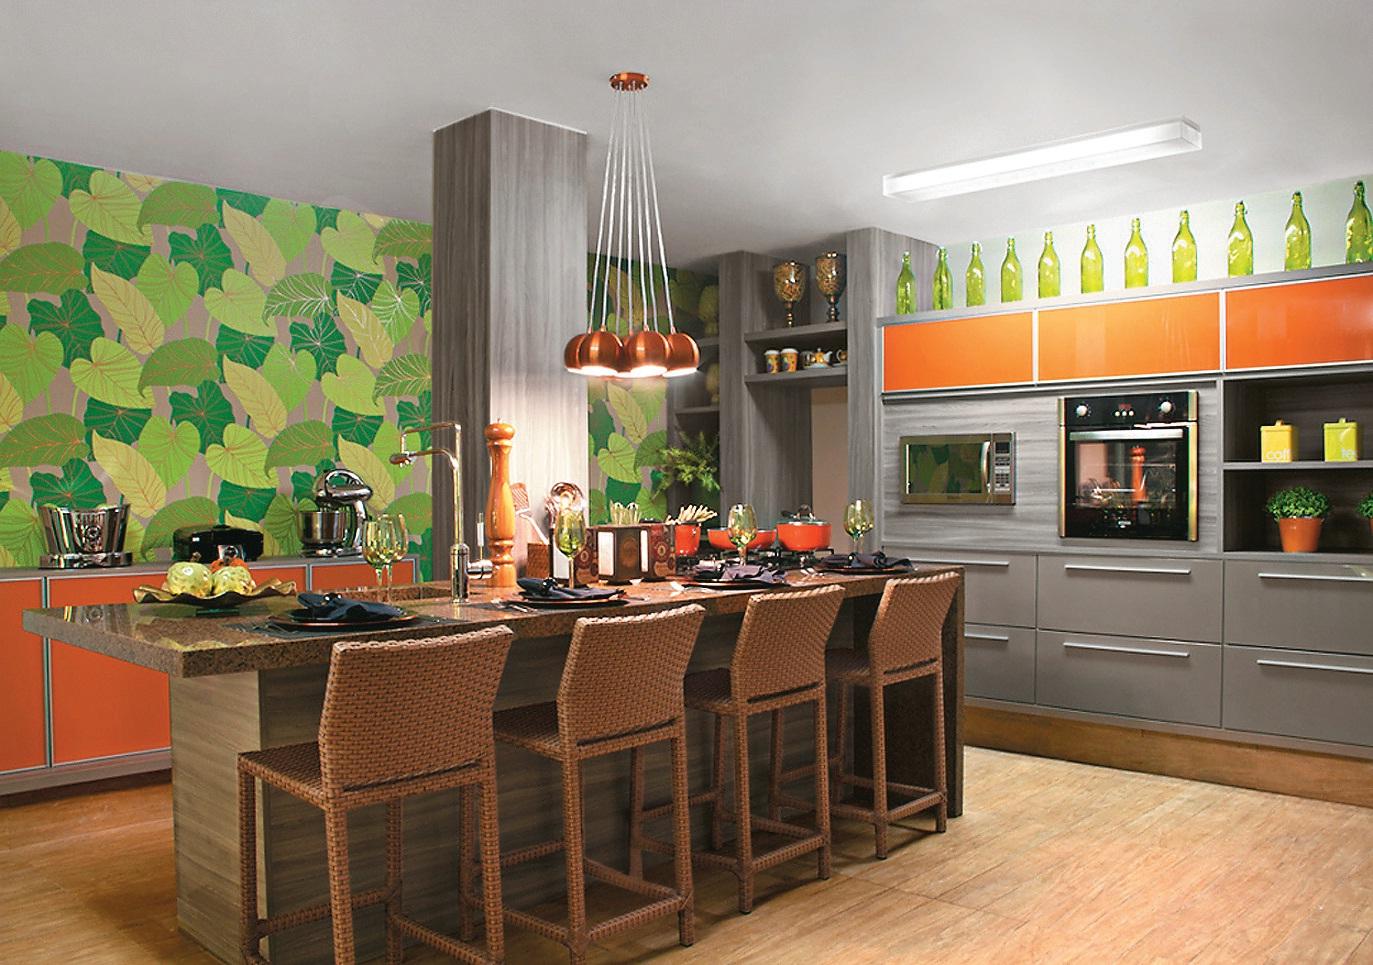 Design de Interiores : Papel de Parede idéias de aplicação #B25619 1373 965